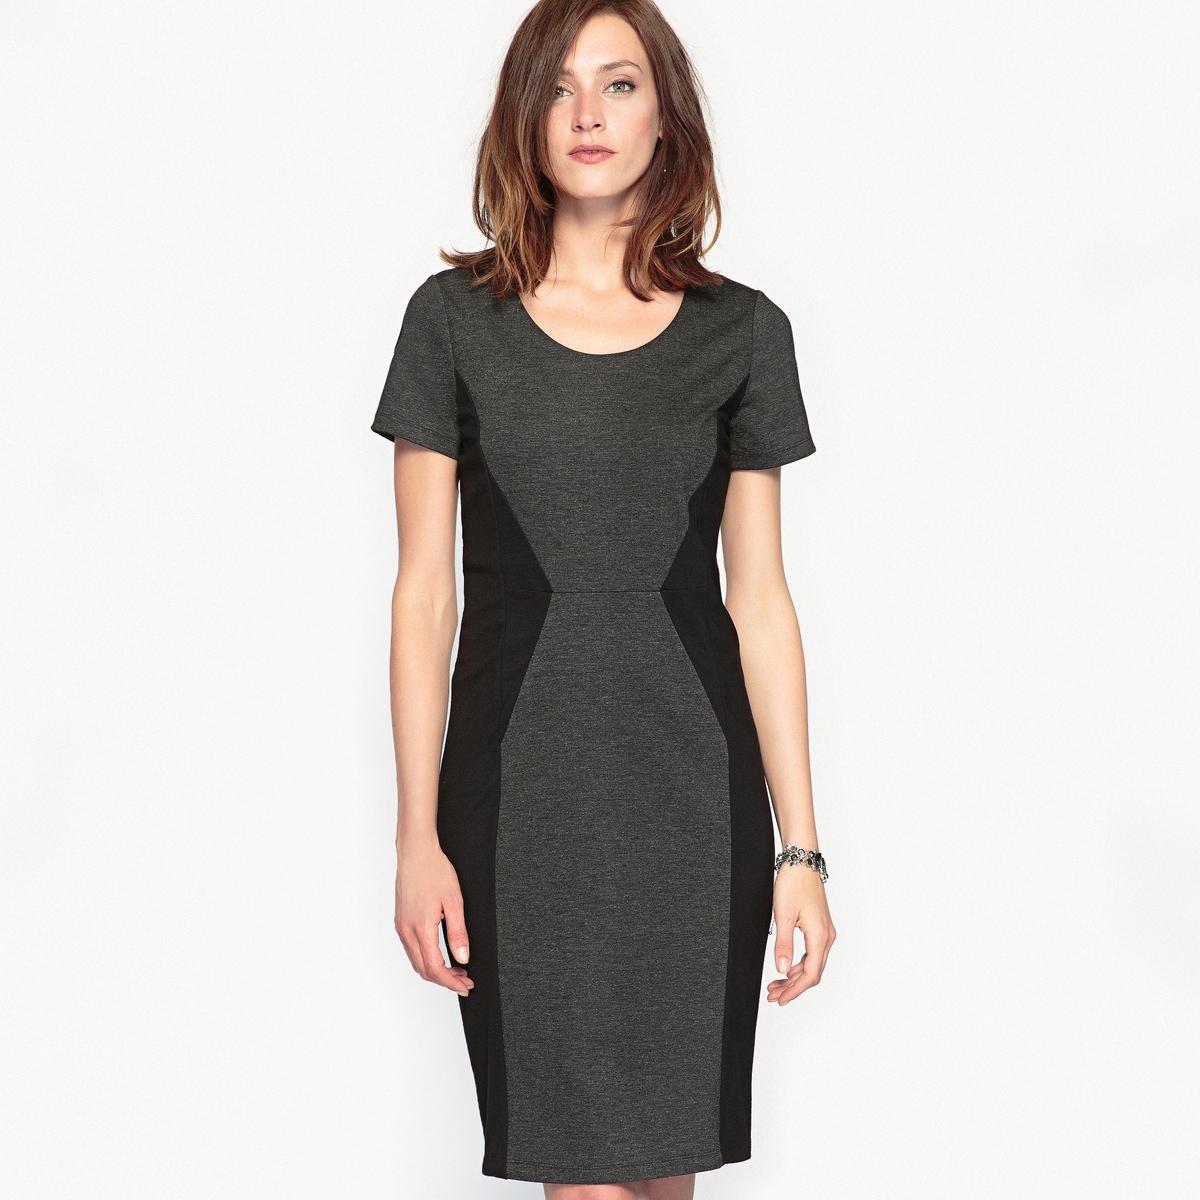 Платье из плотного трикотажа, комфортное, способствующее похудению платье двухцветное из трикотажа милано